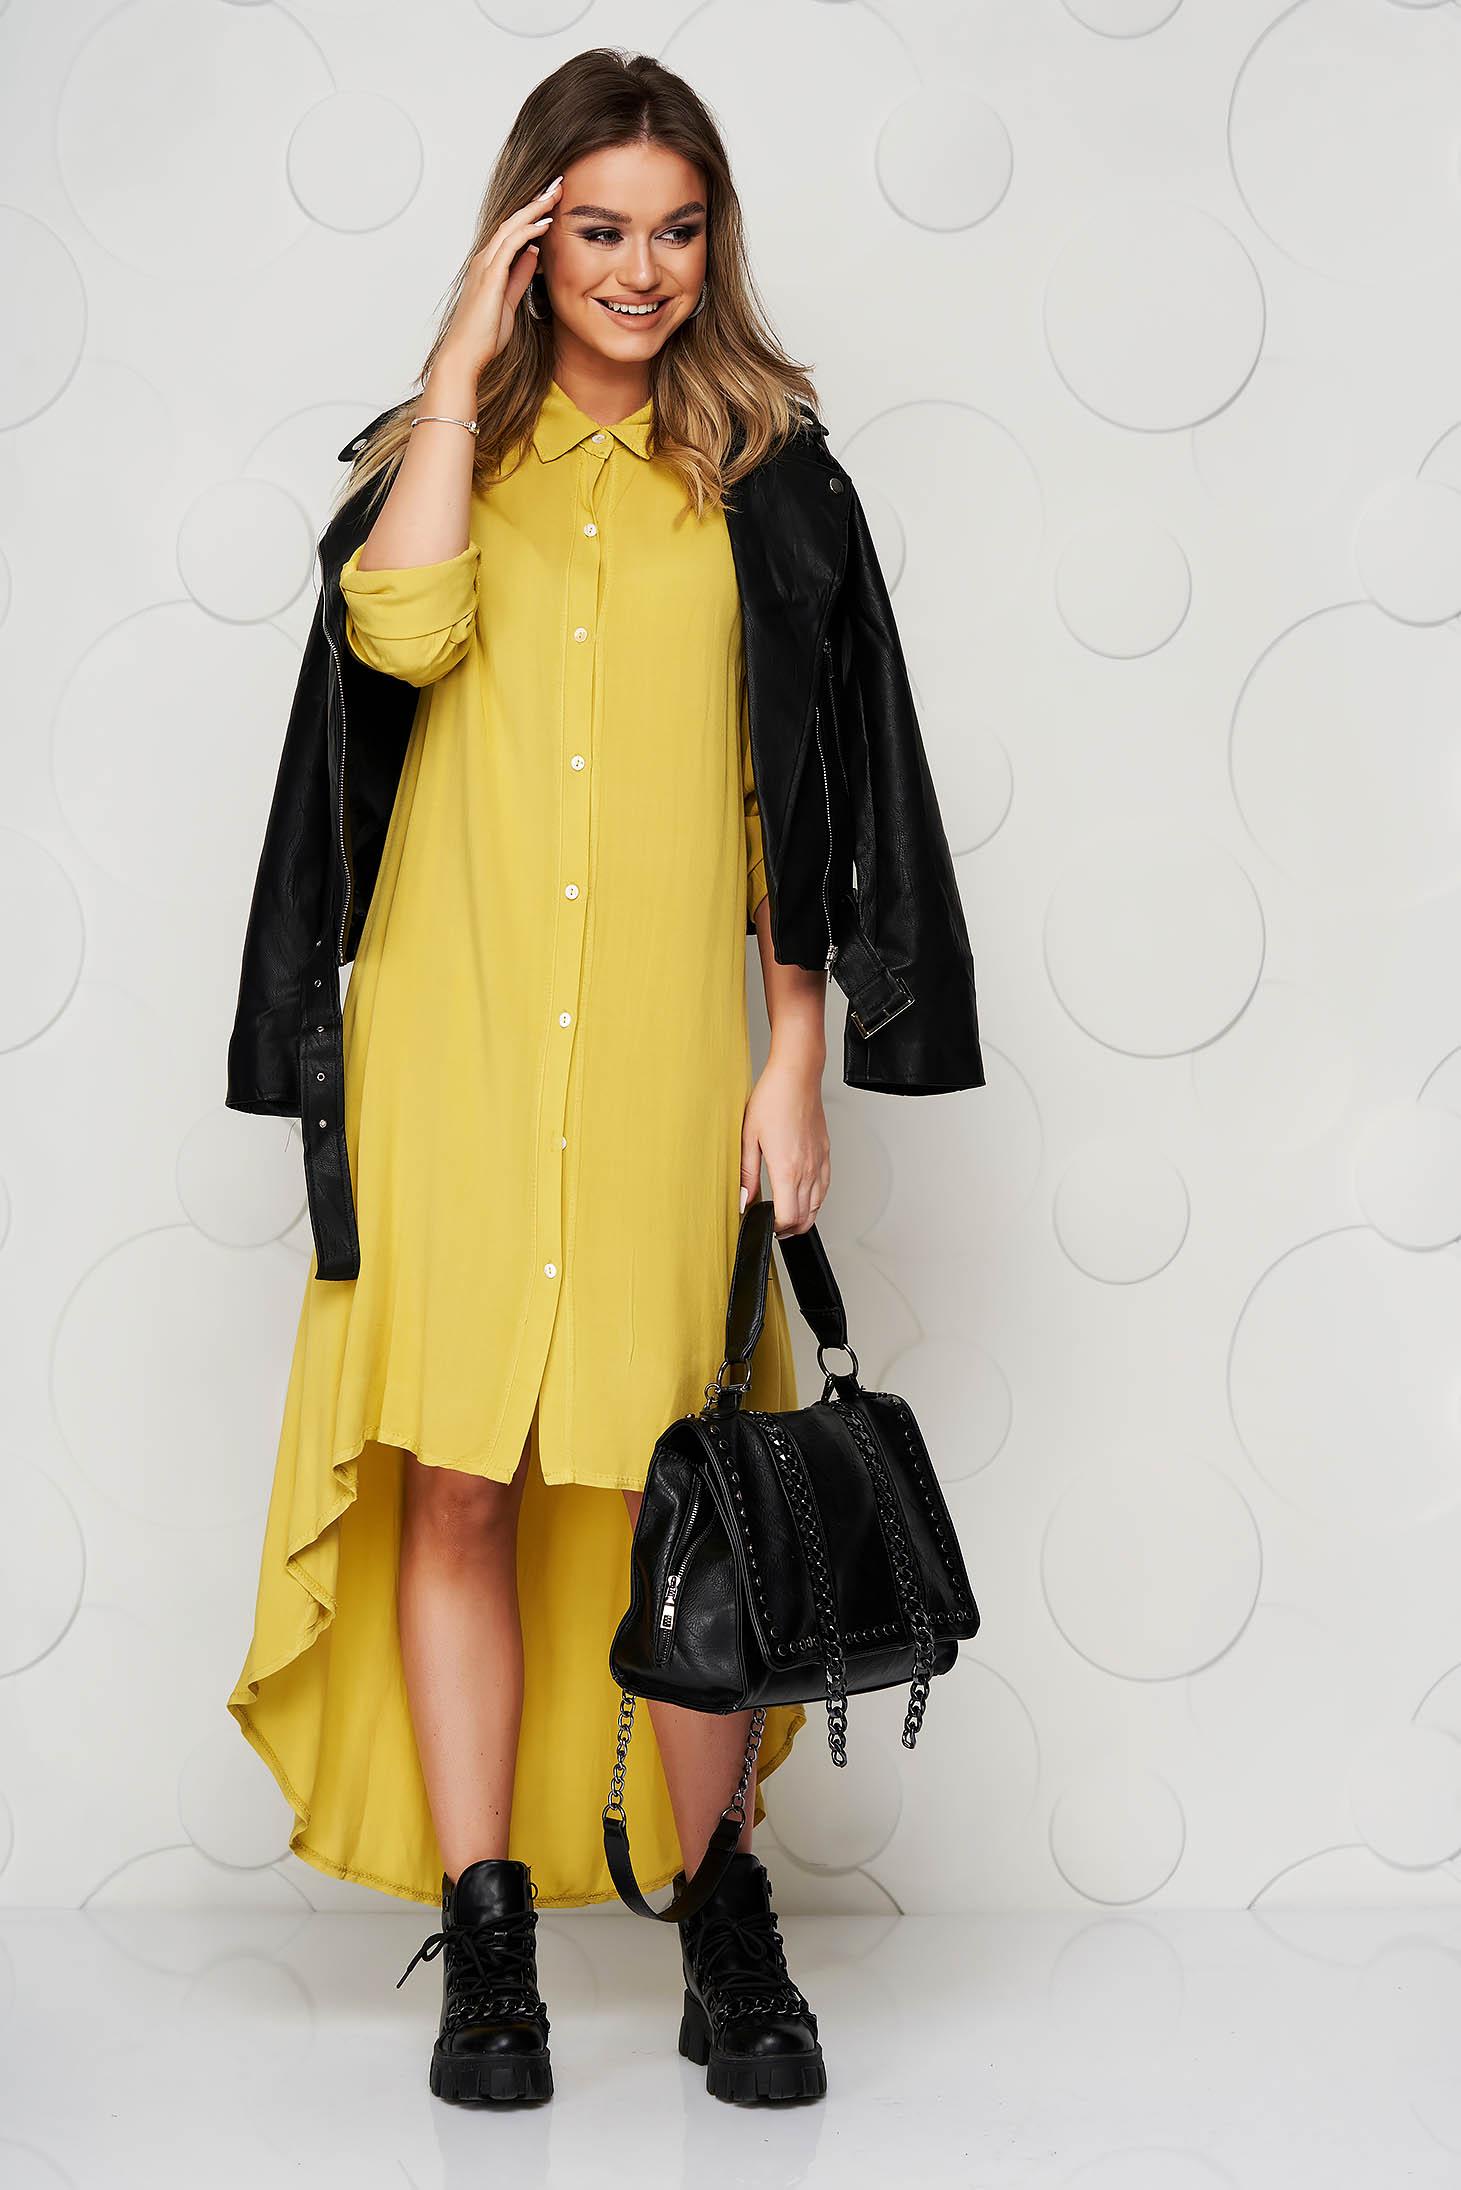 Mustársárga ruha finom tapintásu anyagból bő szabású vékony anyag